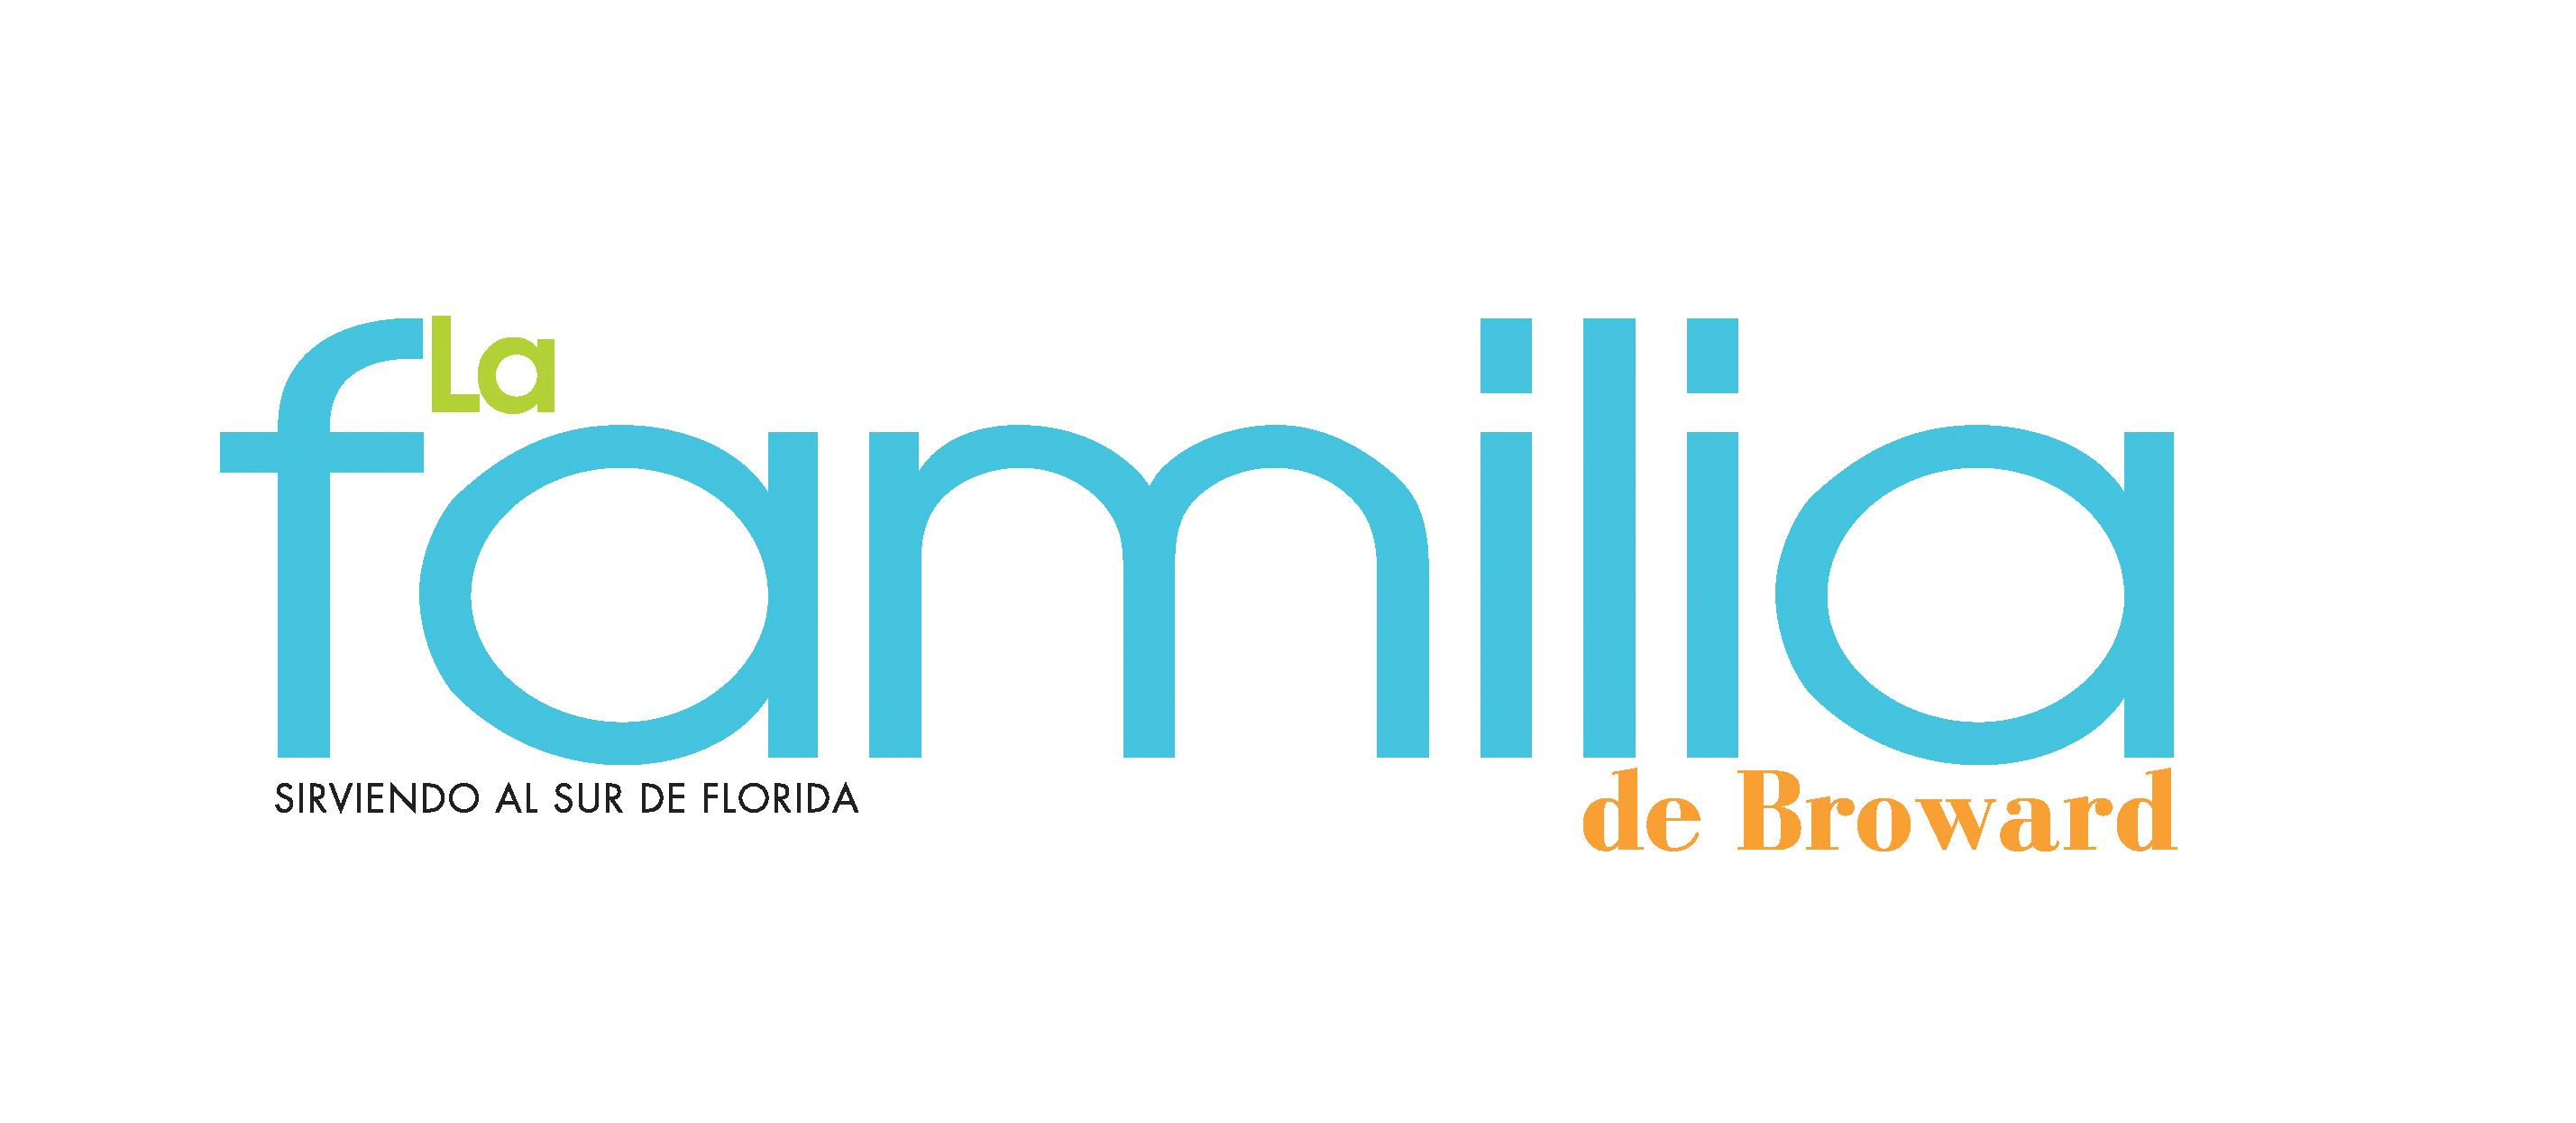 LFDB New Logo (2)